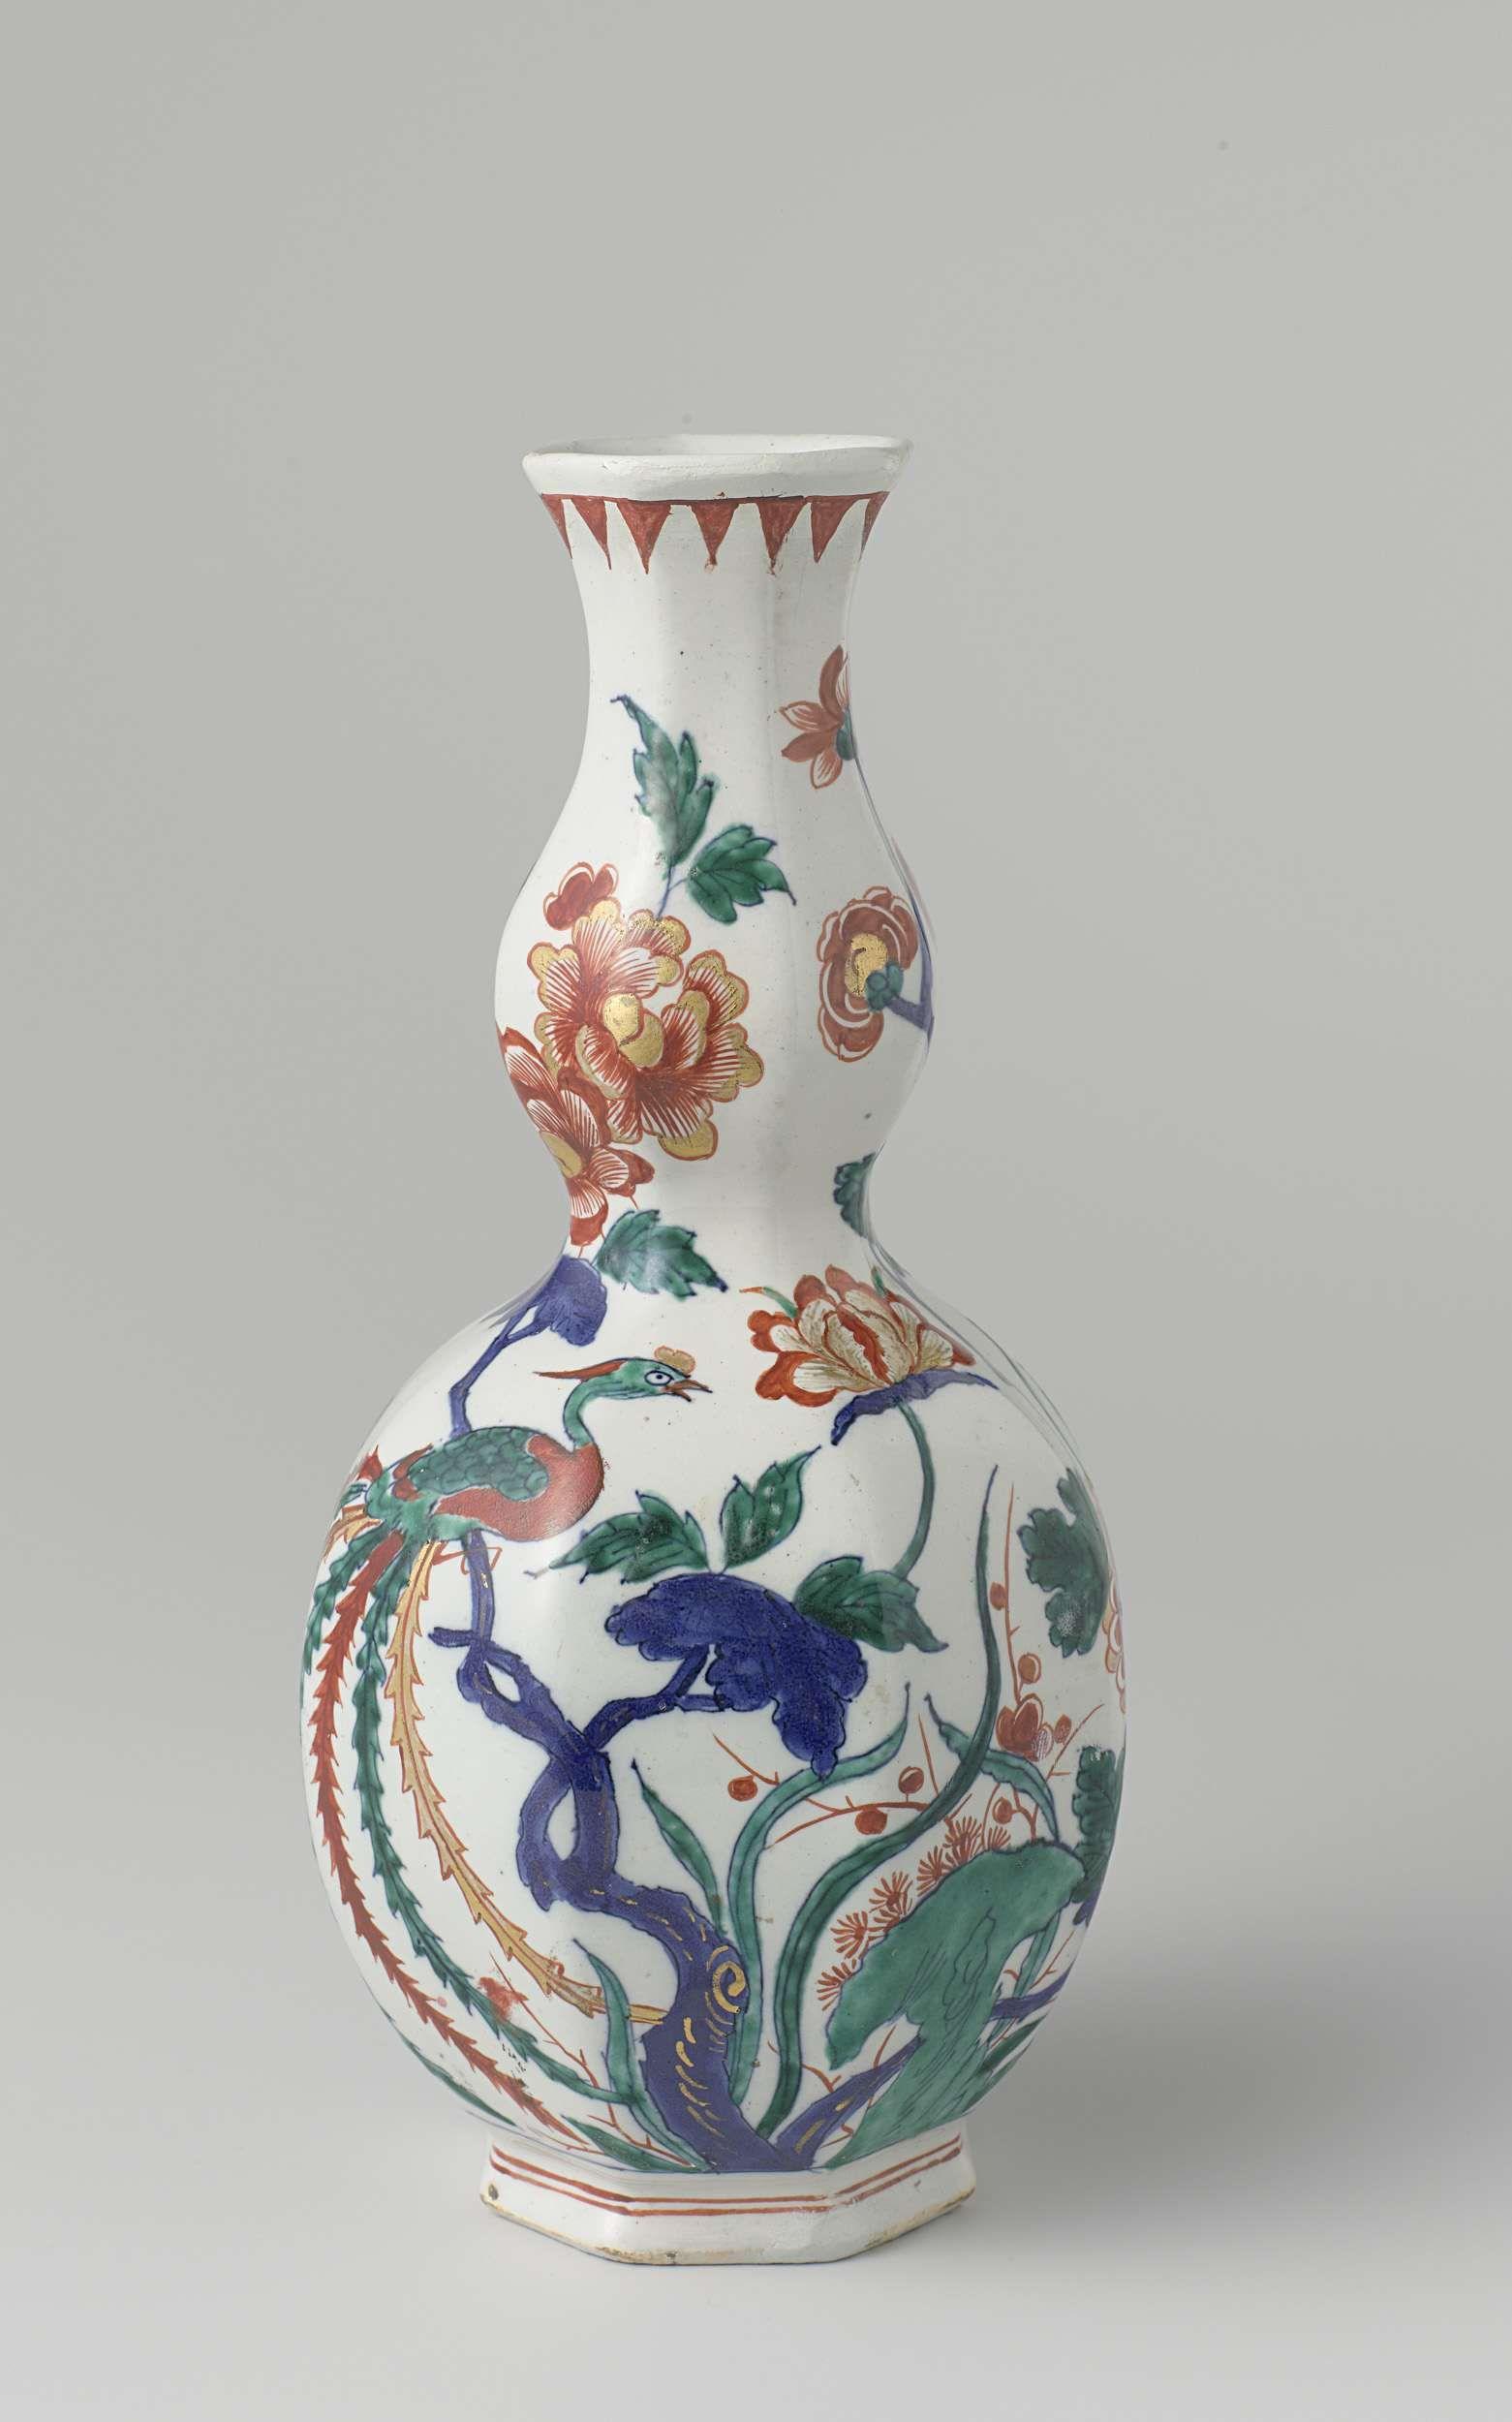 Anonymous | Fles, Anonymous, 1700 - 1725 | Fles van faience. Veelkleurig beschilderd met bloemtakken en een vogel.